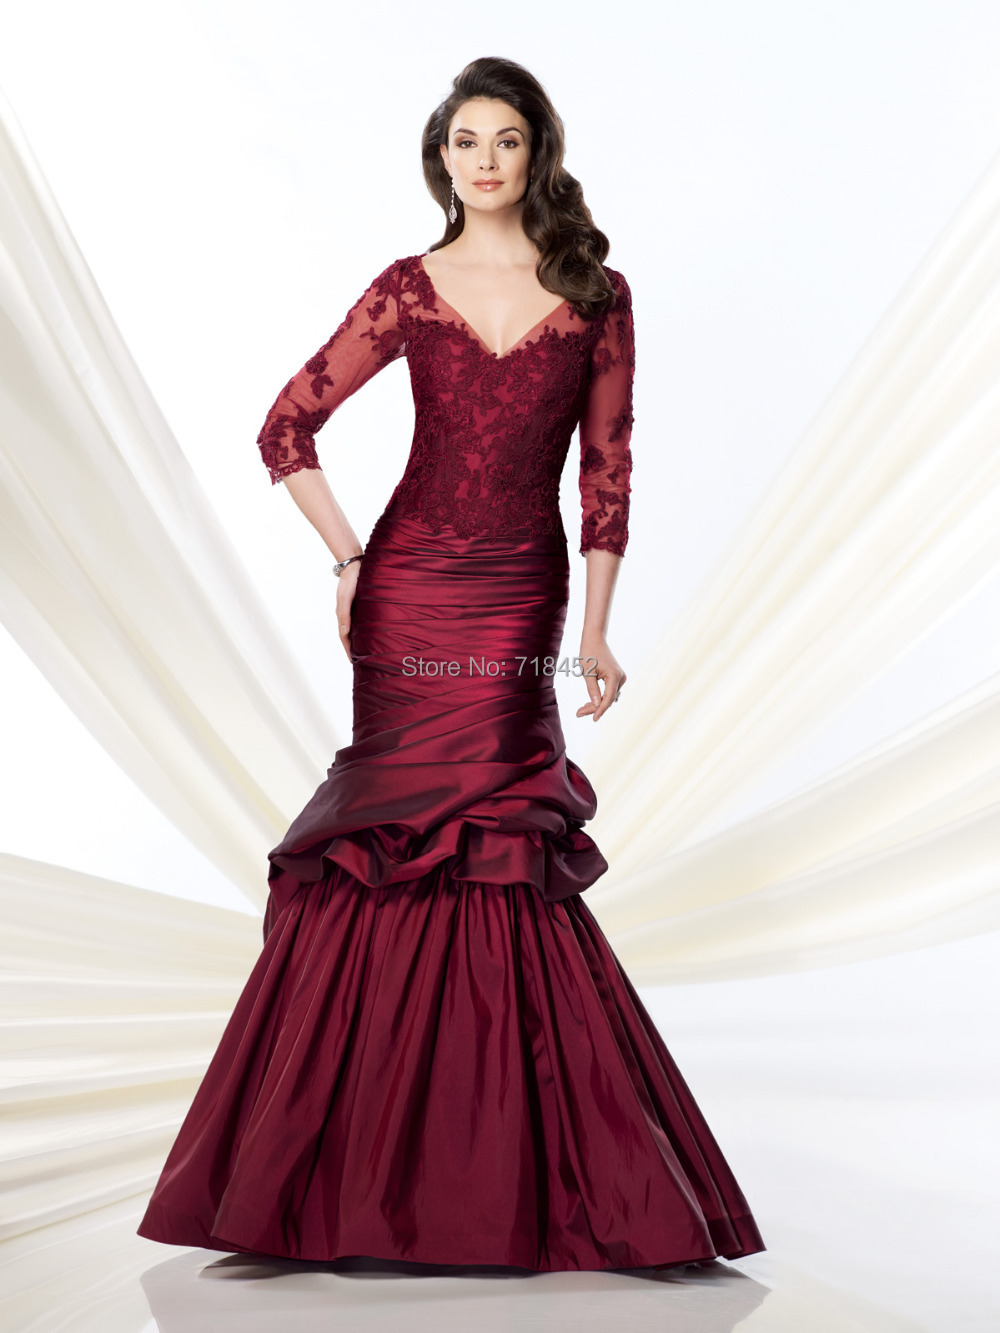 Cheap Taffeta Dress Mother Of The Bride, find Taffeta Dress Mother ...